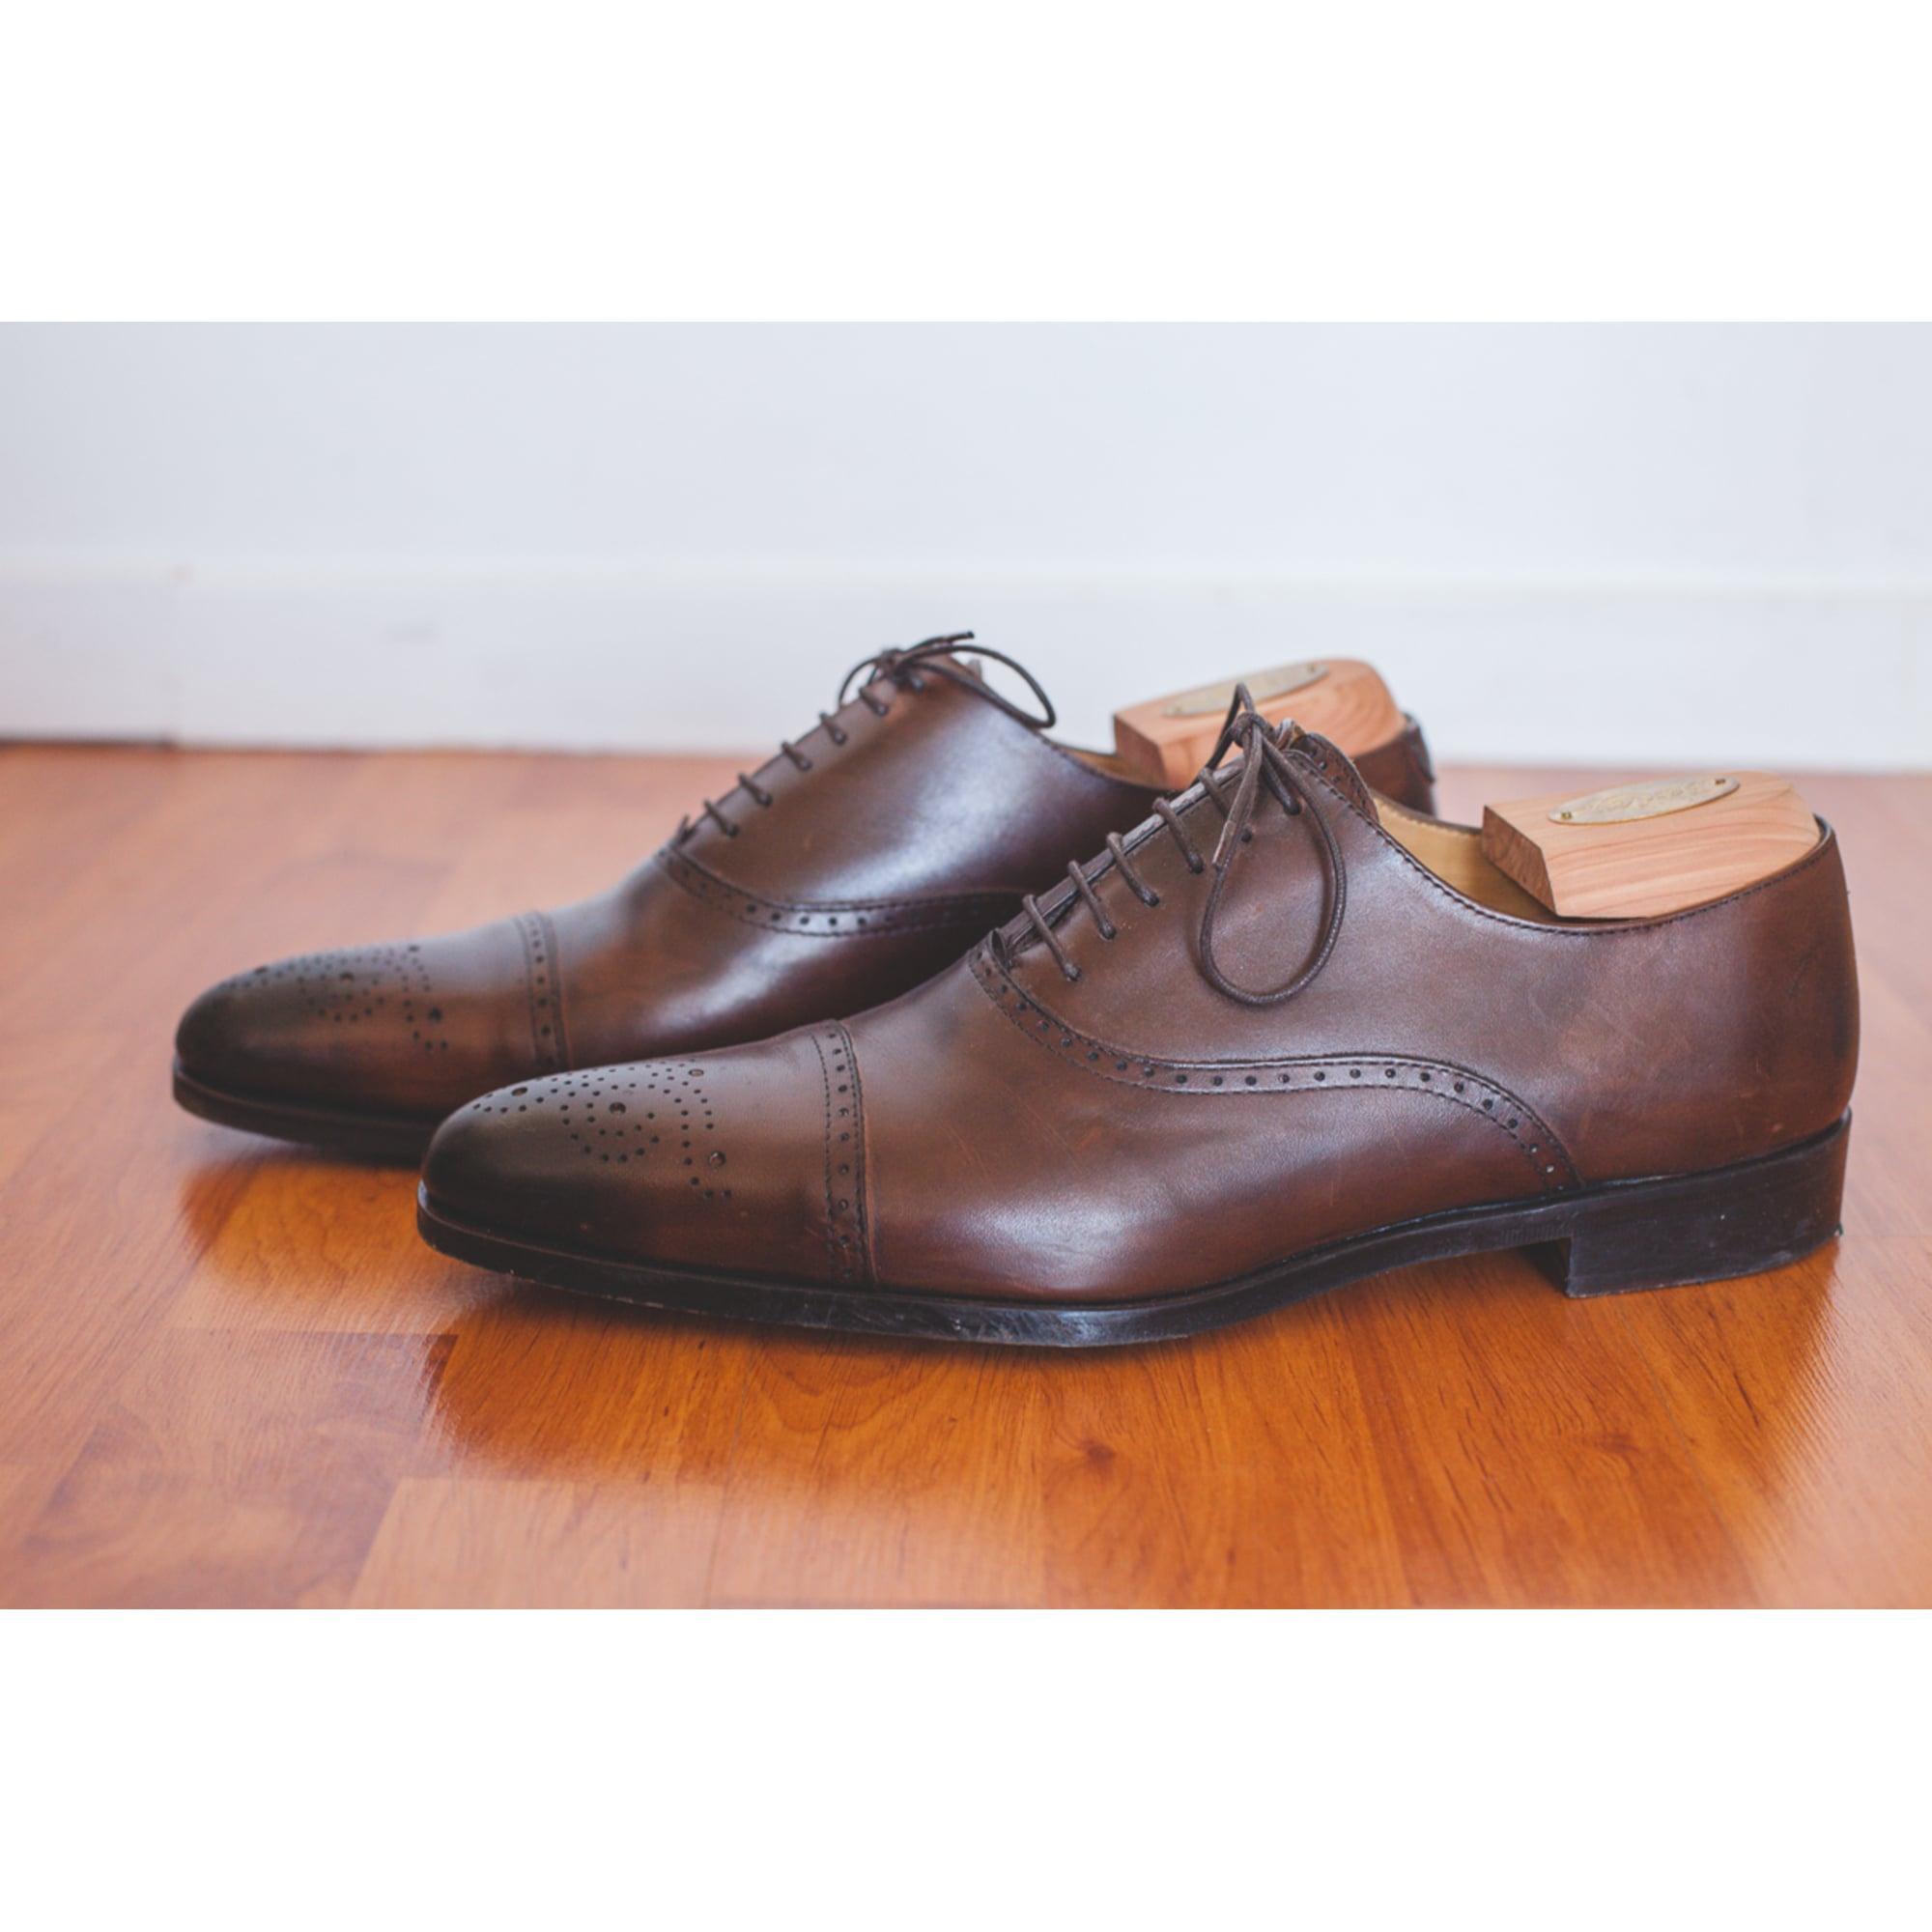 Jeampaul126055 à Chaussures marron 45 par lacets BEXLEY vendu 7793122 RxPqCwS